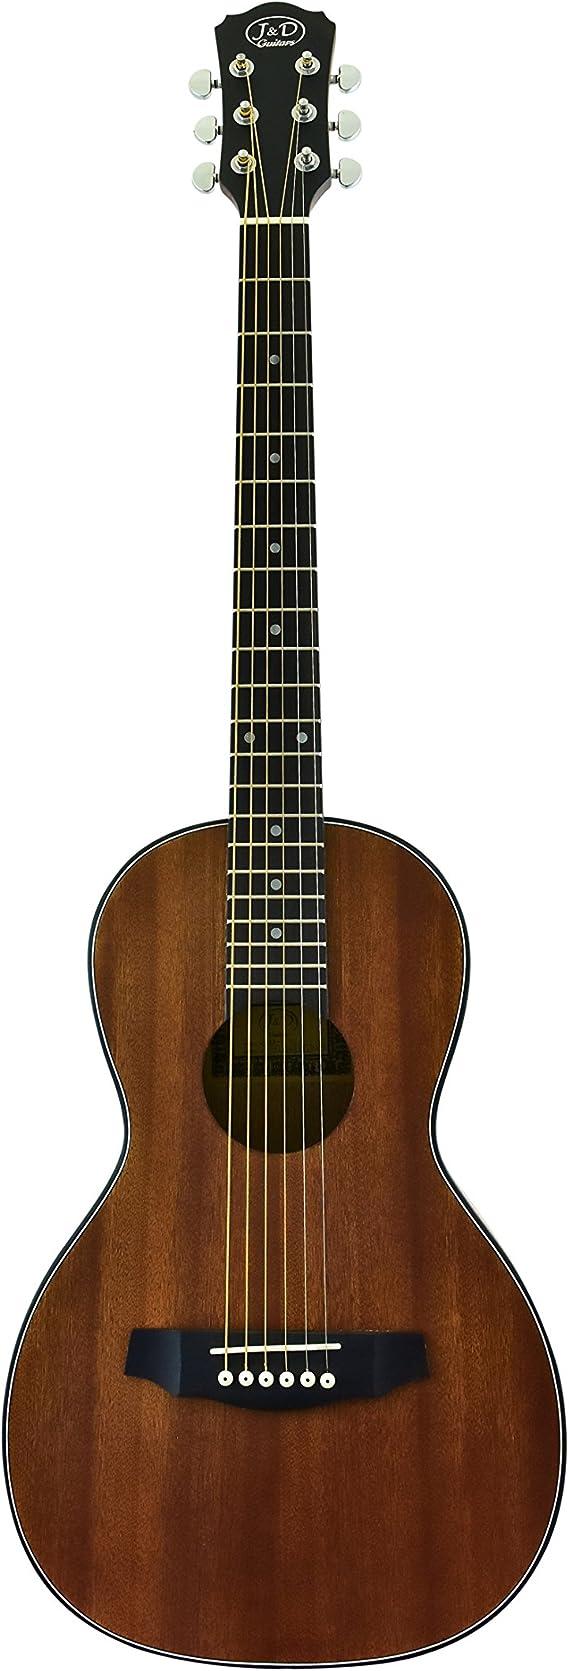 CNZ Audio Acoustic Parlor Body Guitar